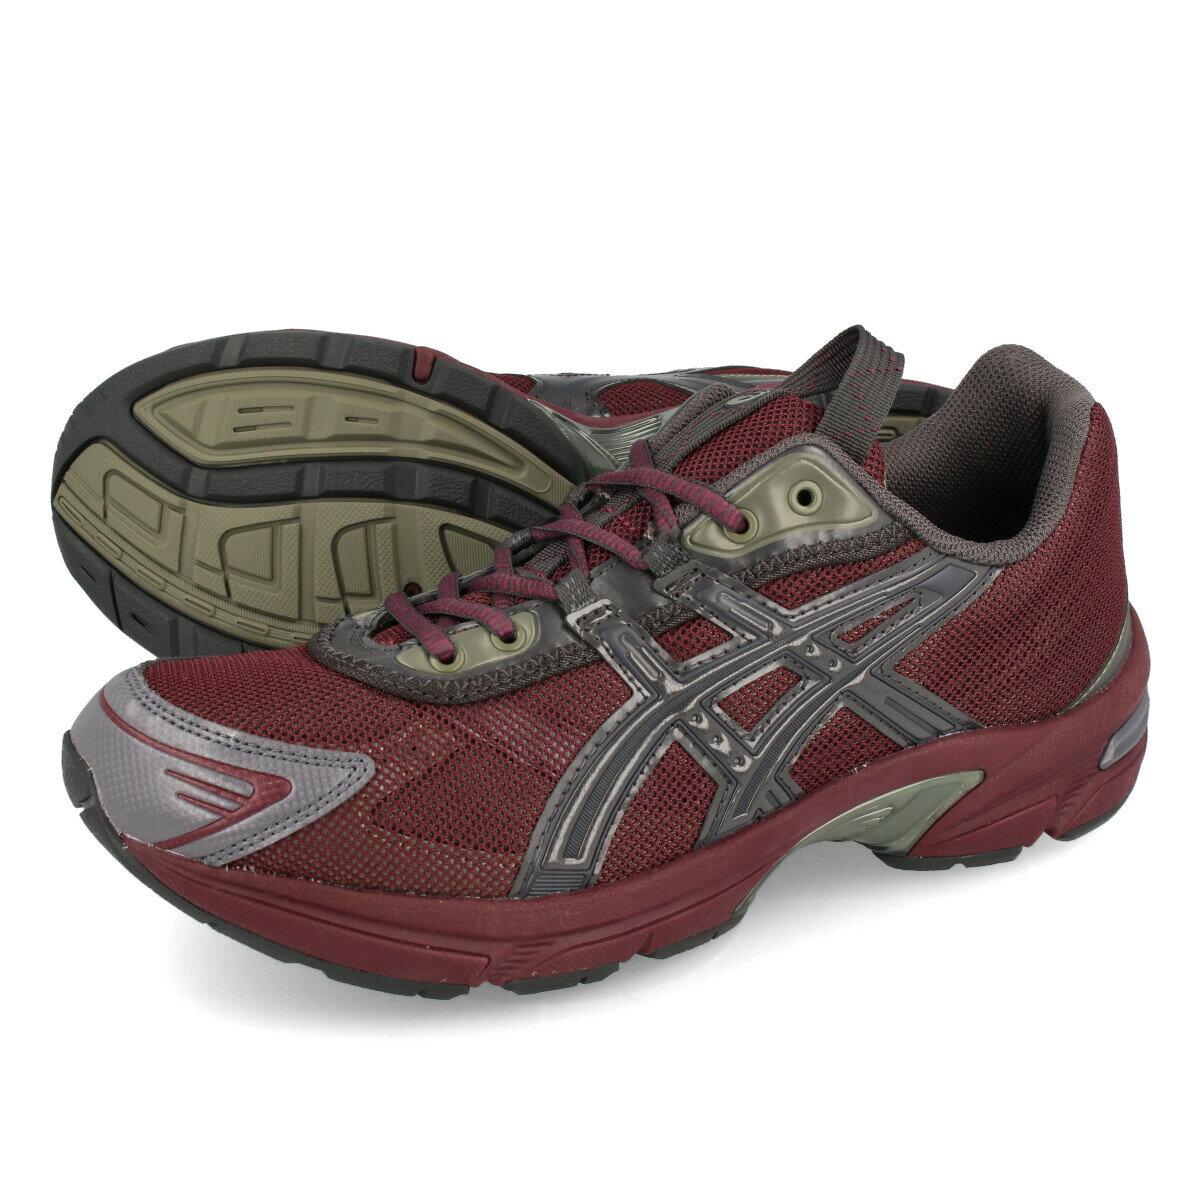 メンズ靴, スニーカー ASICS SPORTSTYLE UB2-S GEL-1130 KIKO KOSTADINOV UB2-S DEEP MARSGRAPHITE GREY 1201a291-500